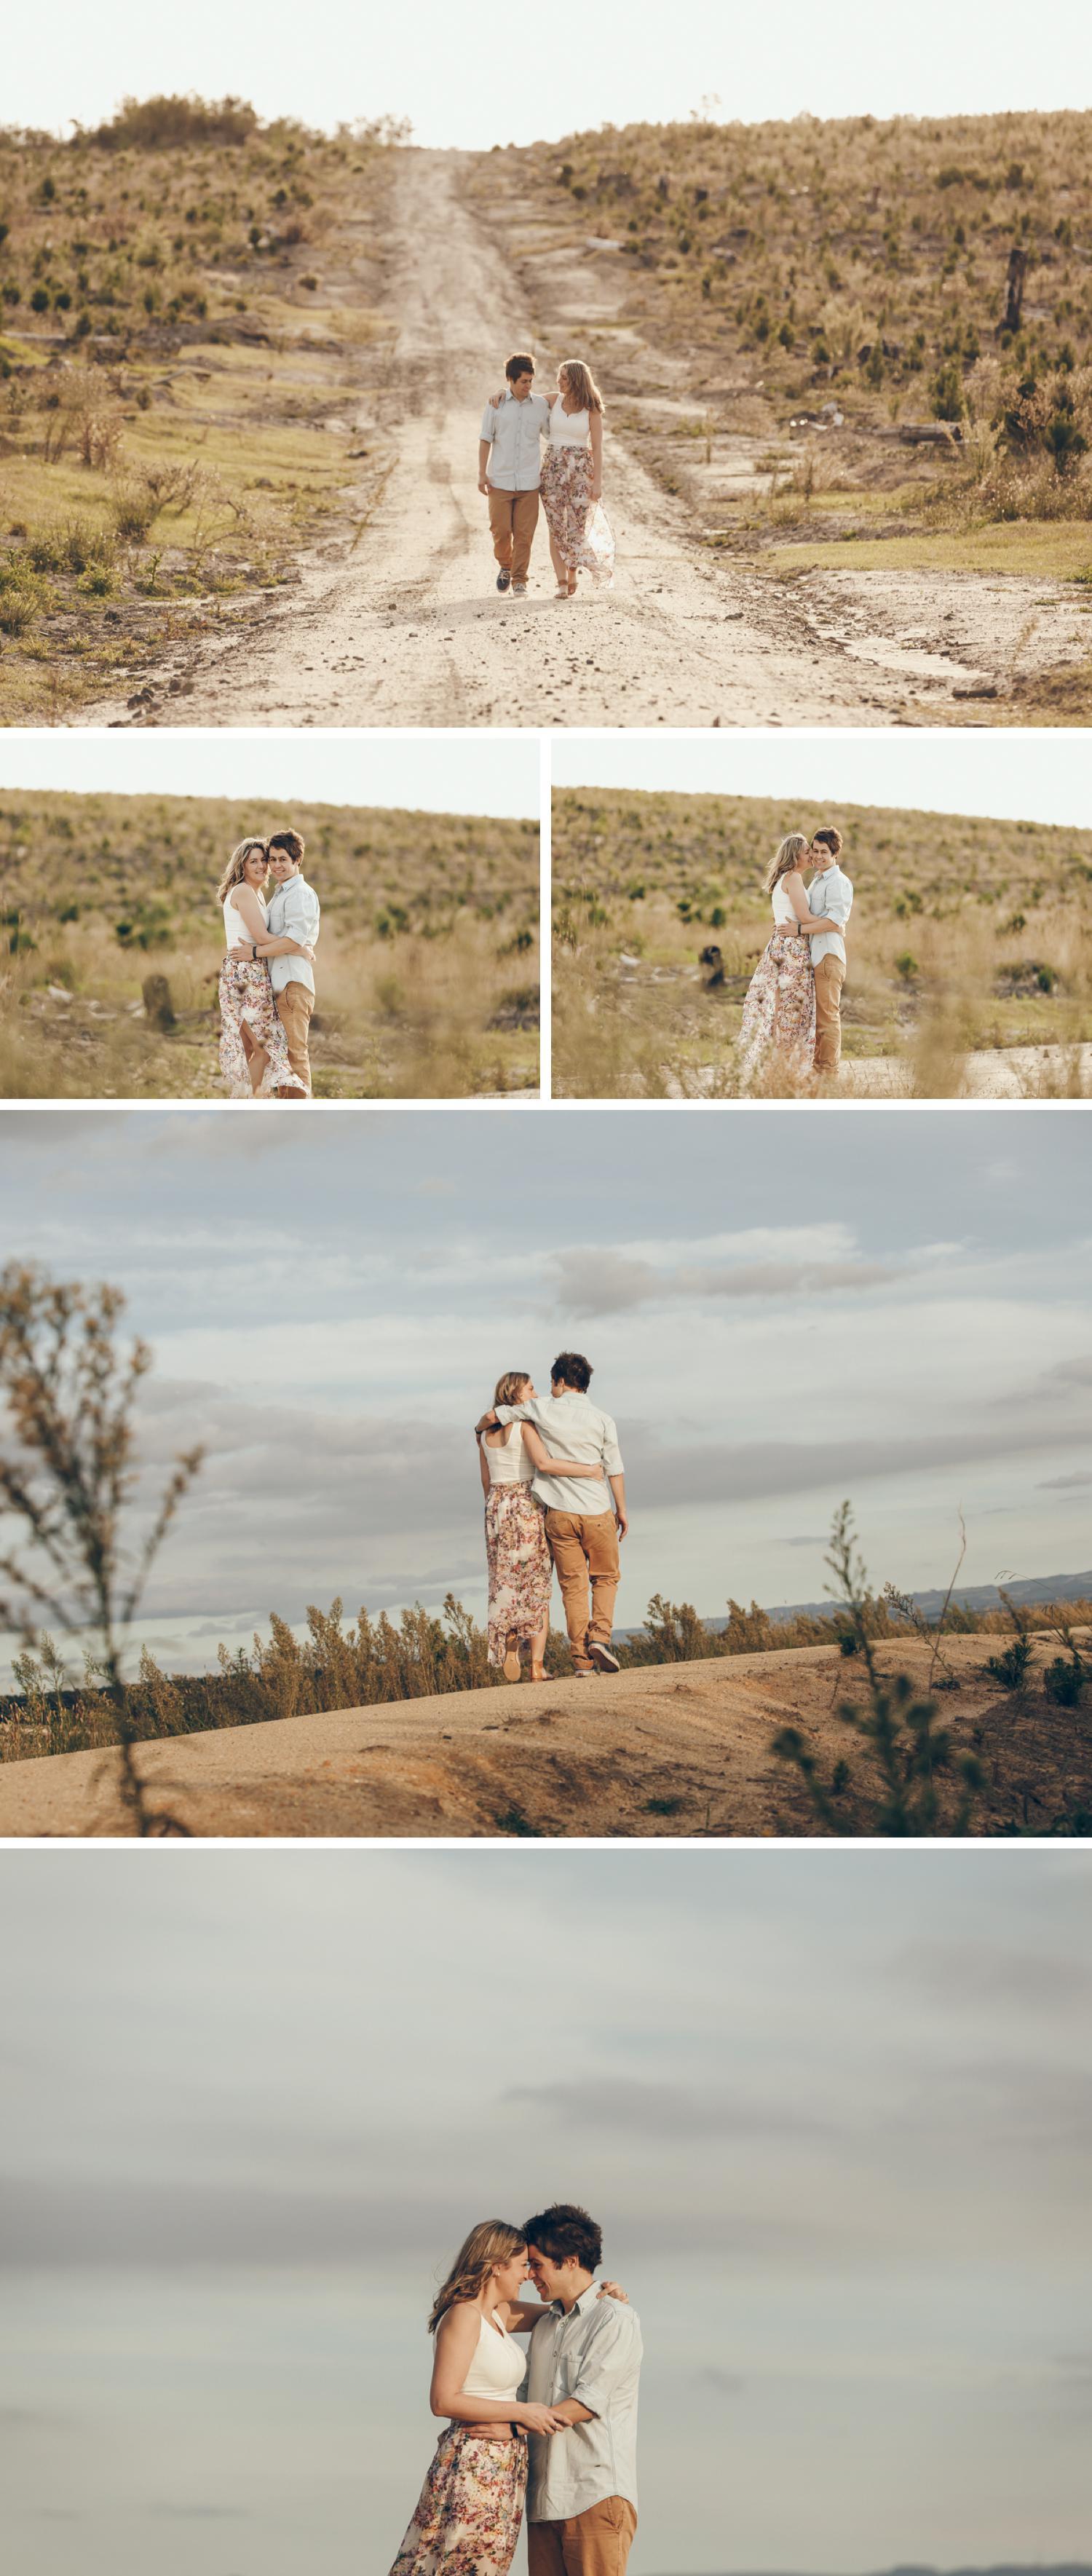 Gippsland Field Engagement Shoot, Beautiful Couple Shoot, Couple Embracing Engagement Shoot by Danae Studios, Gippsland Photographer